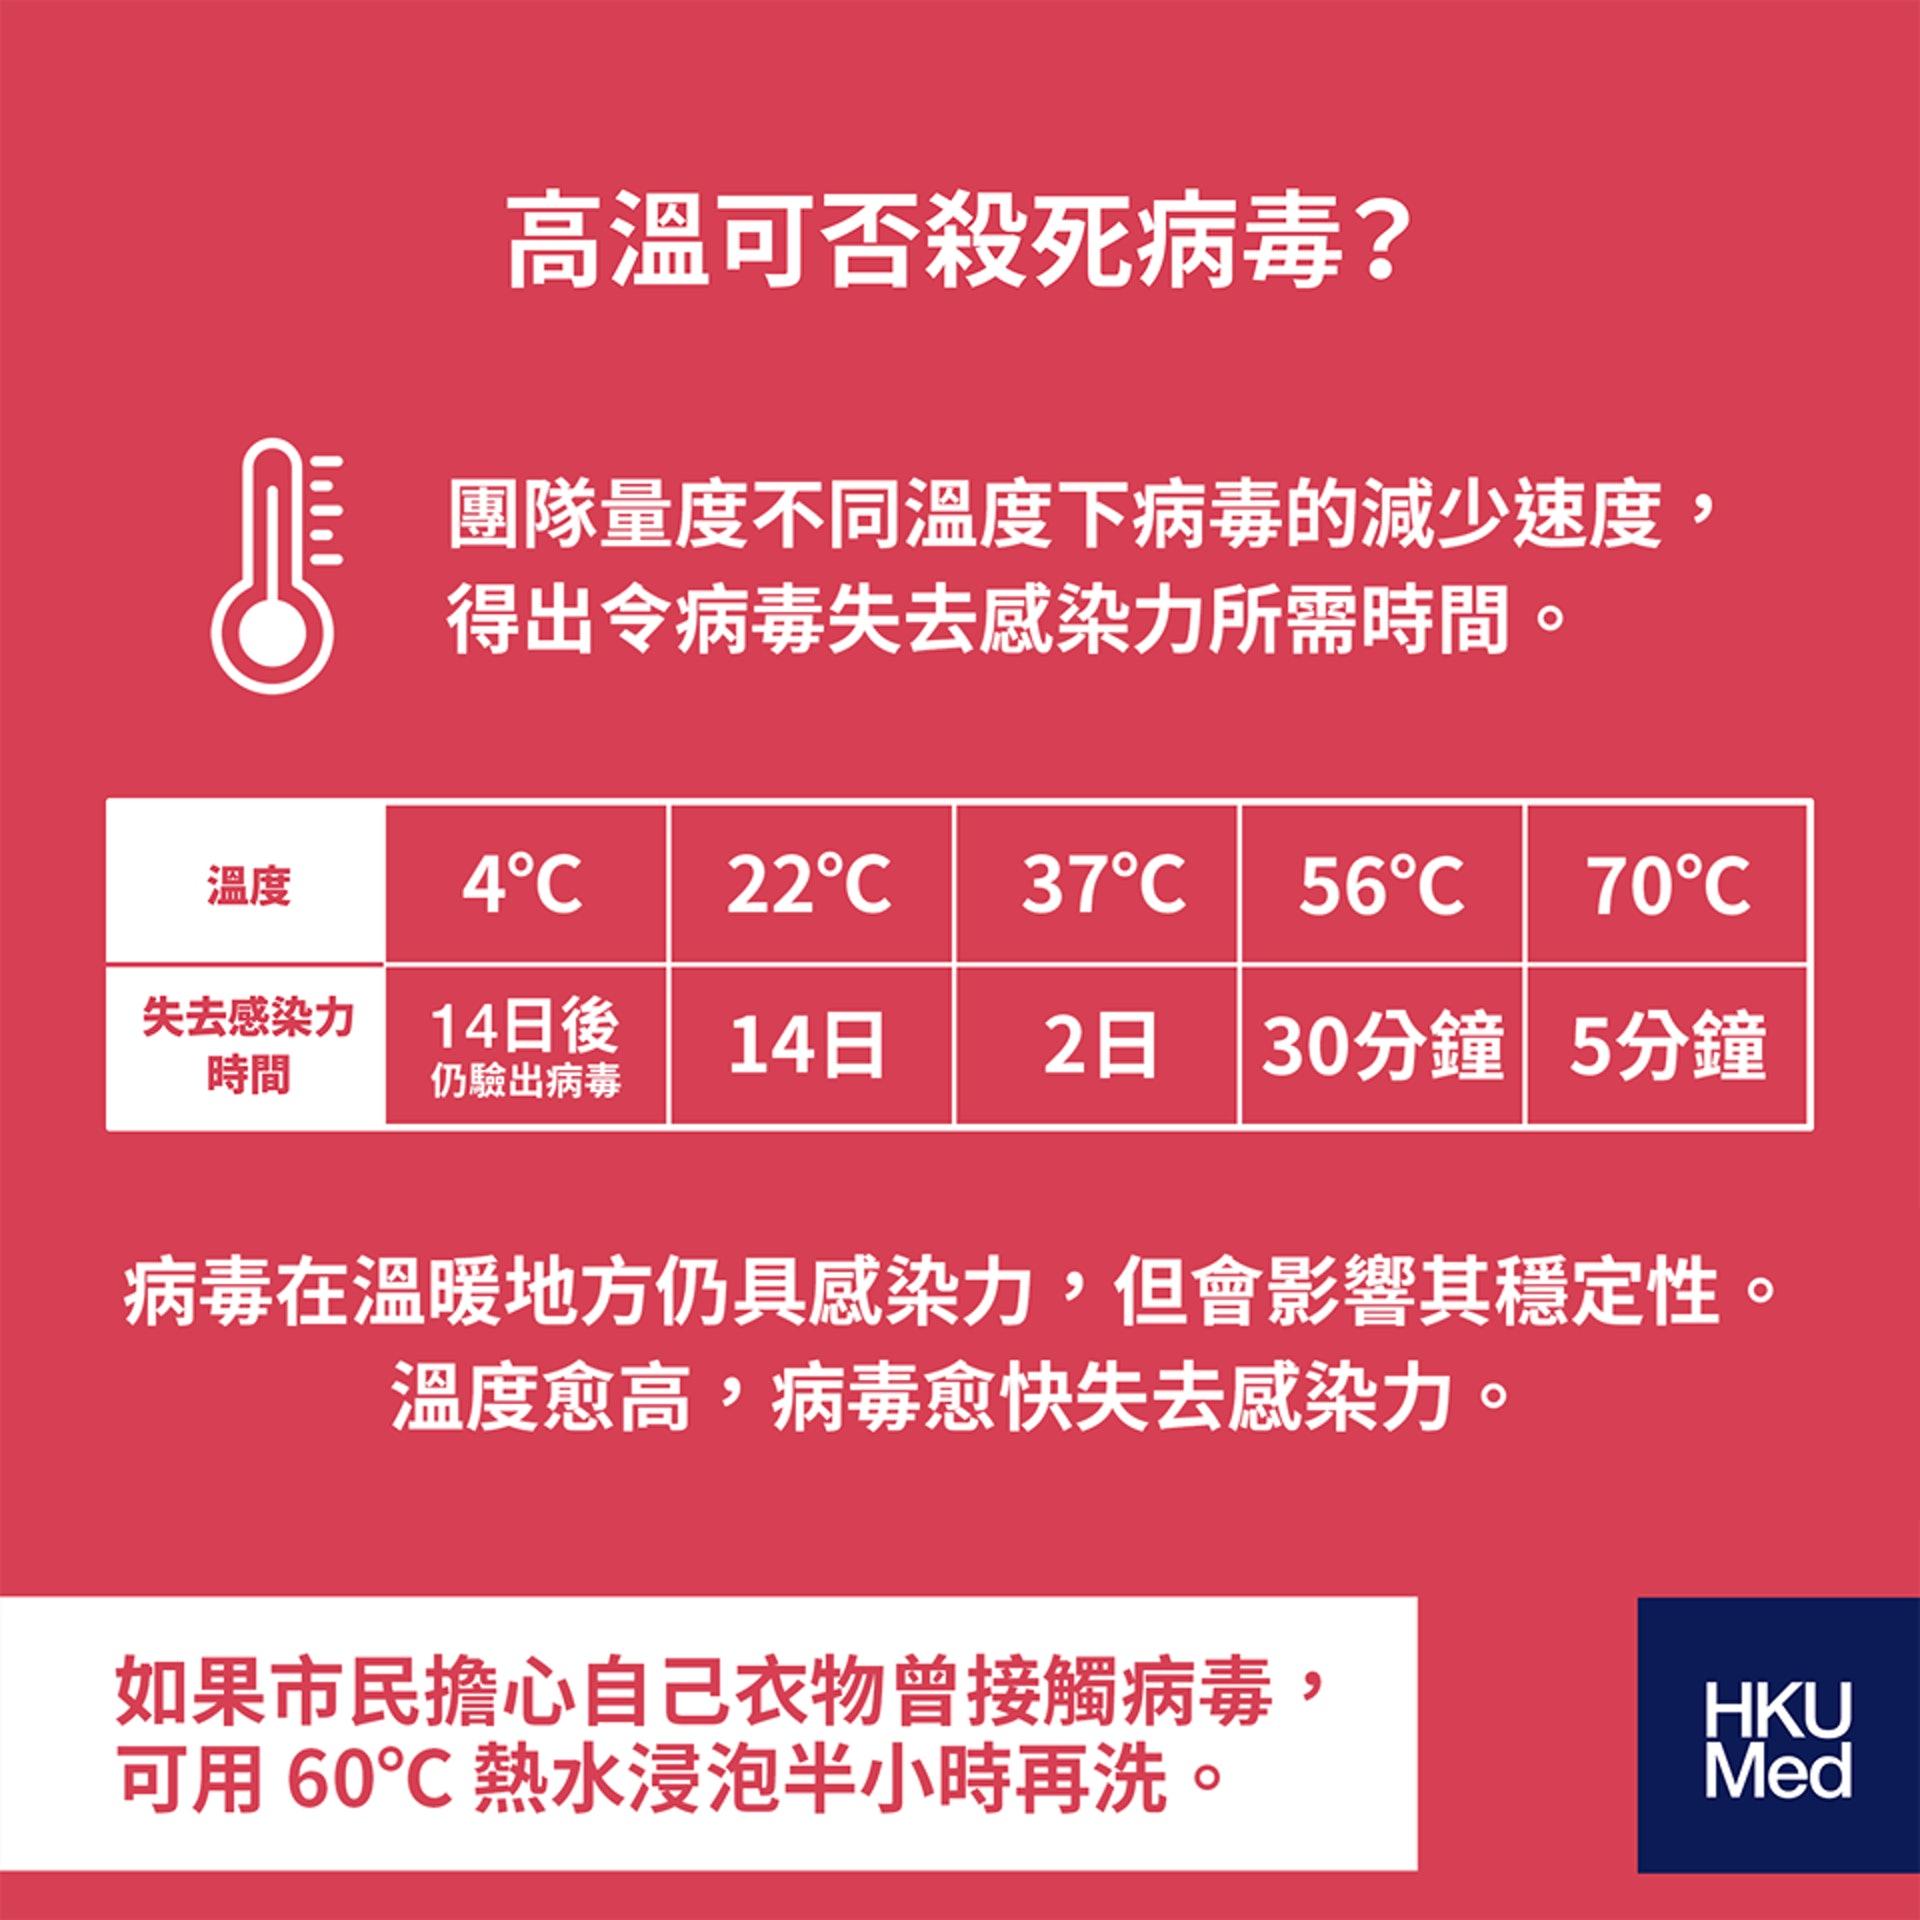 在不同溫度下,新冠病毒的存活情況。(圖片:港大醫學院)